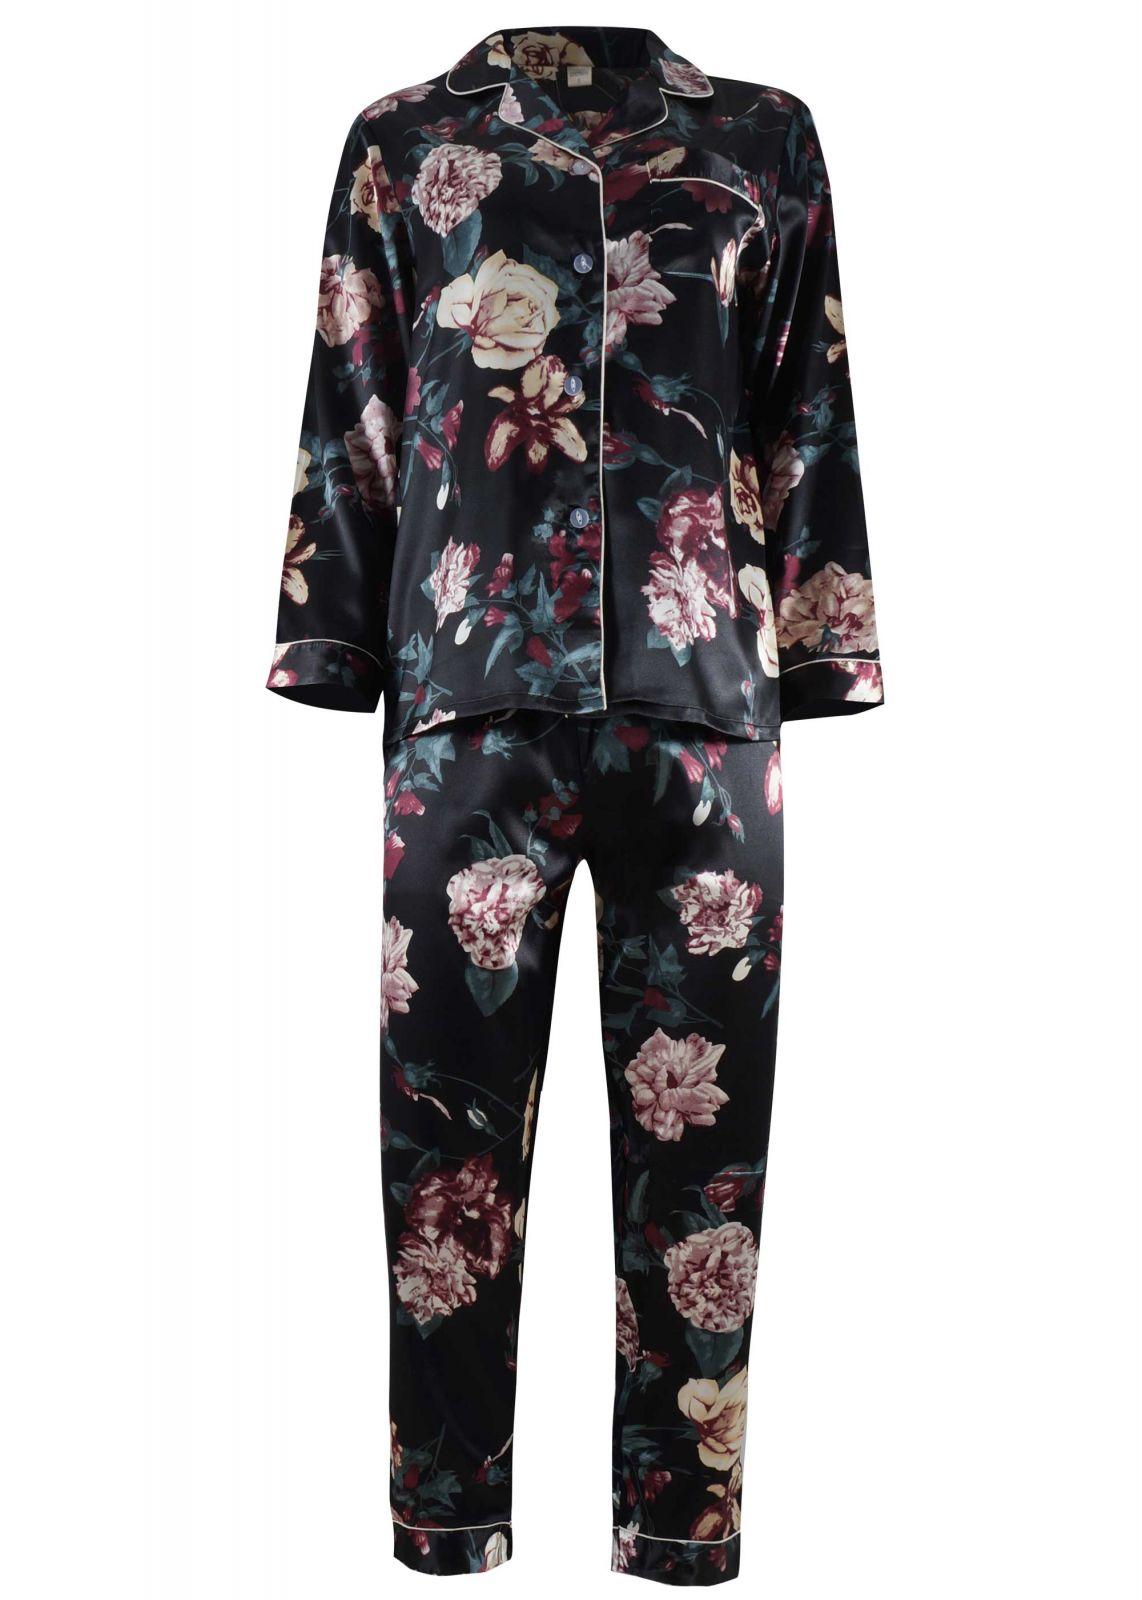 Γυναικεία saten πιτζάμα με κουμπιά floral print ΜΑΥΡΟ